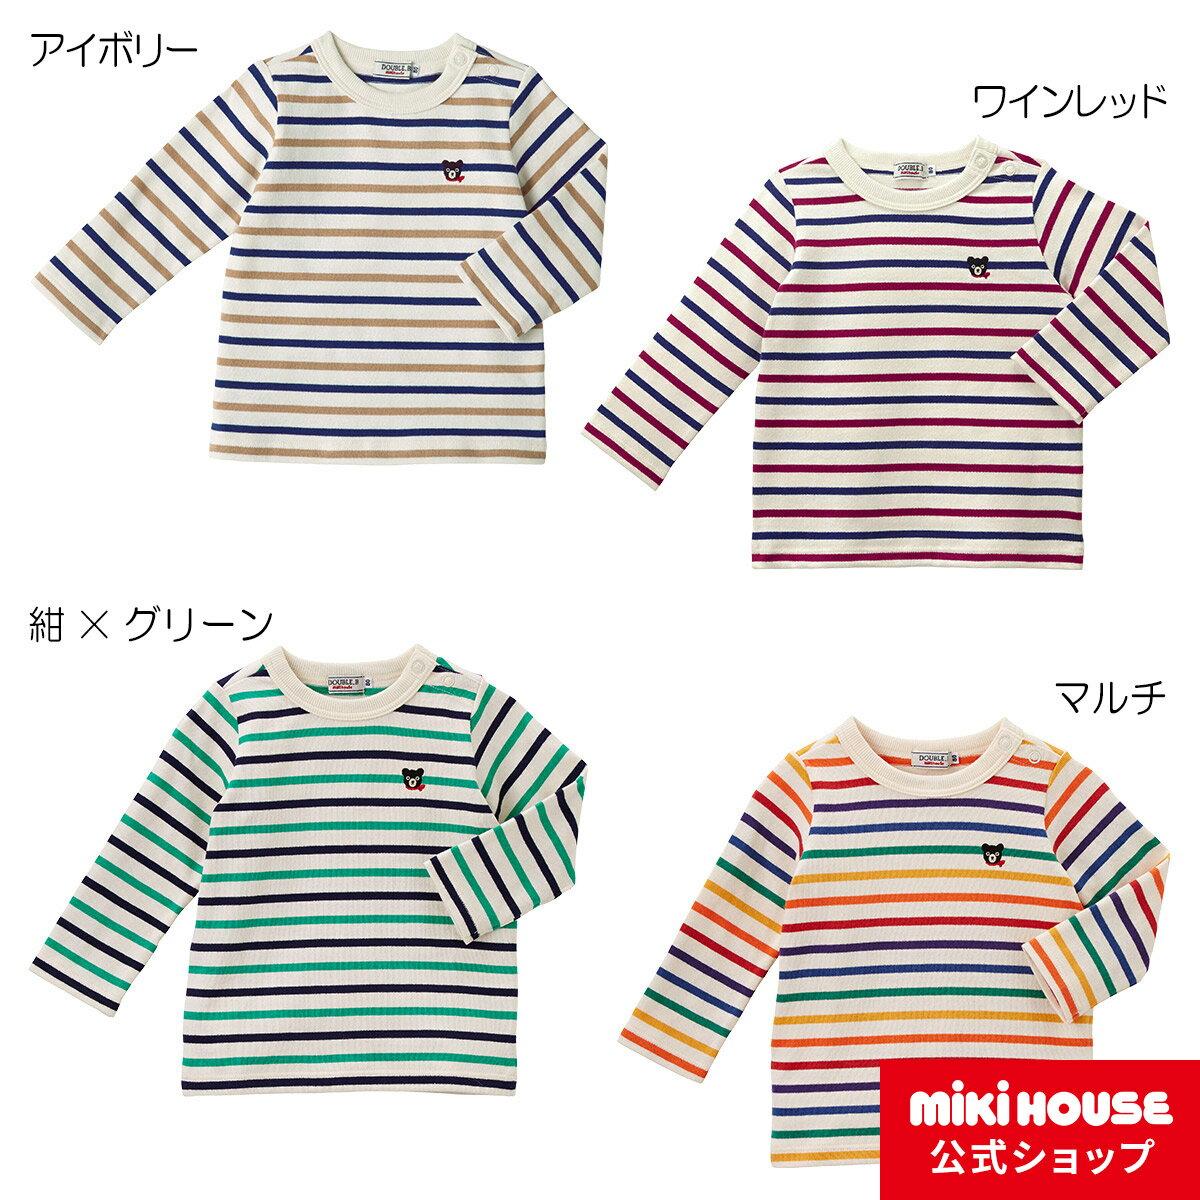 ミキハウス ダブルビー mikihouse Everyday DOUBLE_B厚手ボーダー長袖Tシャツ(70cm-150cm)